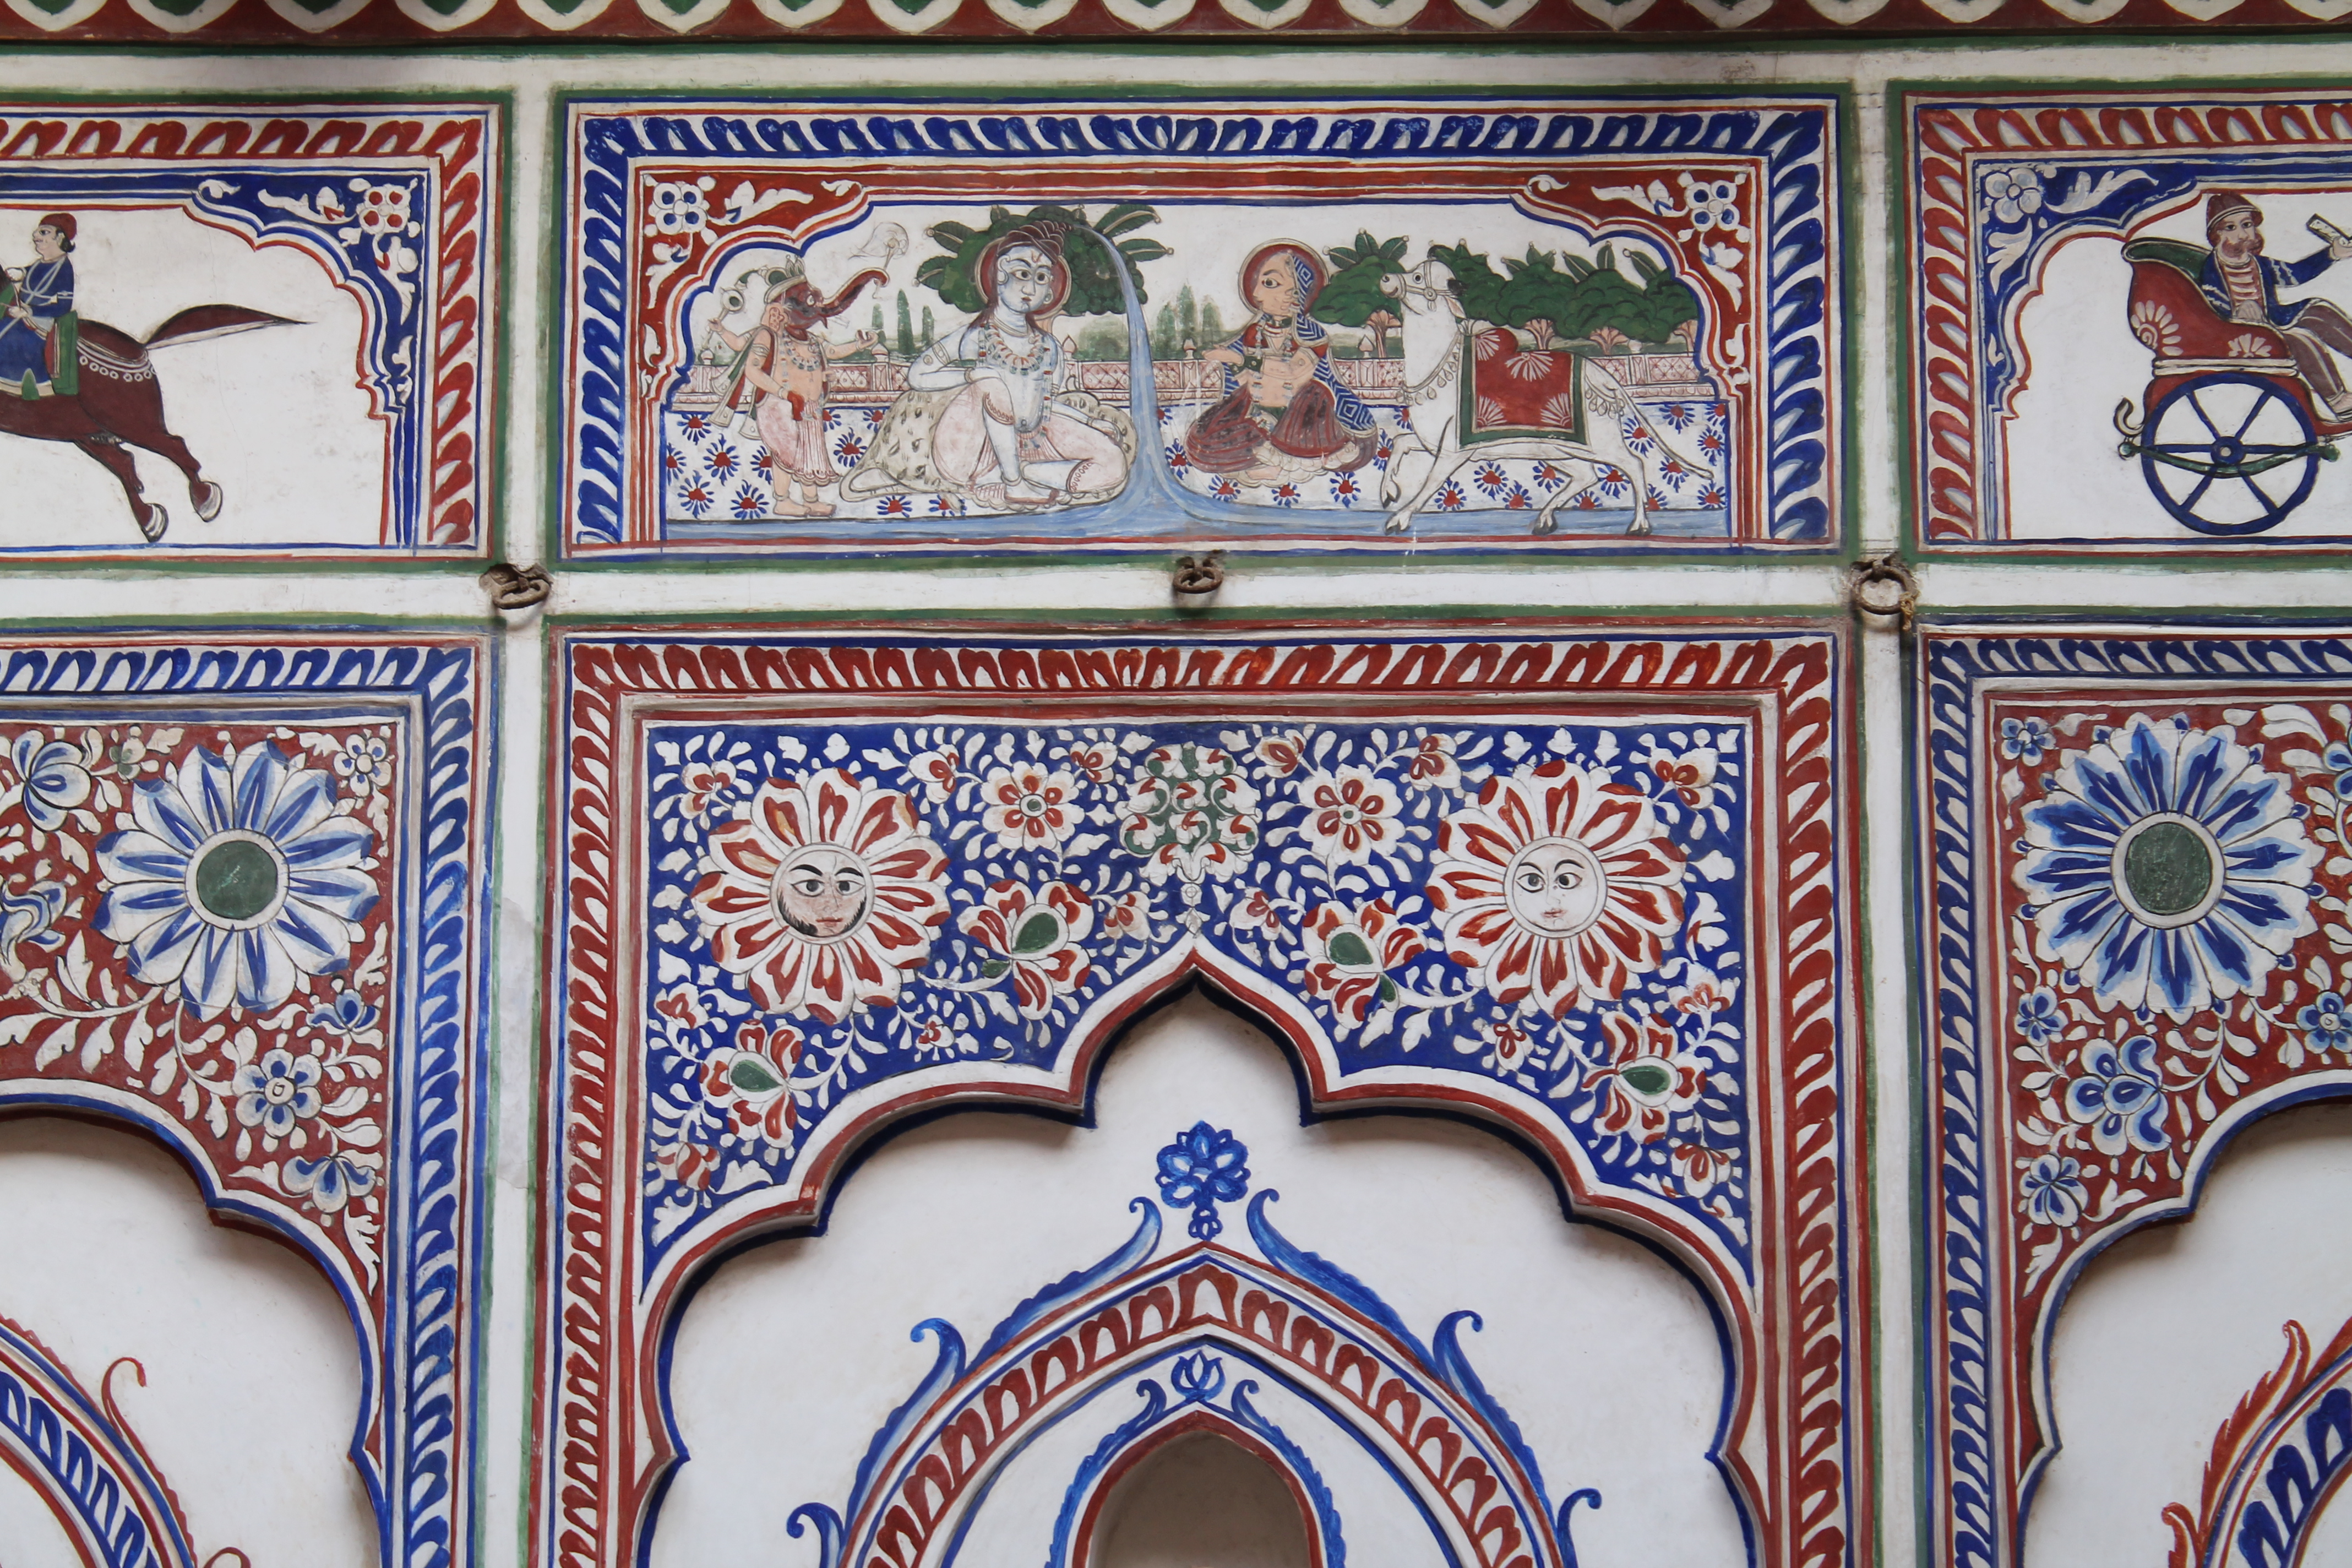 Le Prince Haveli frescoes